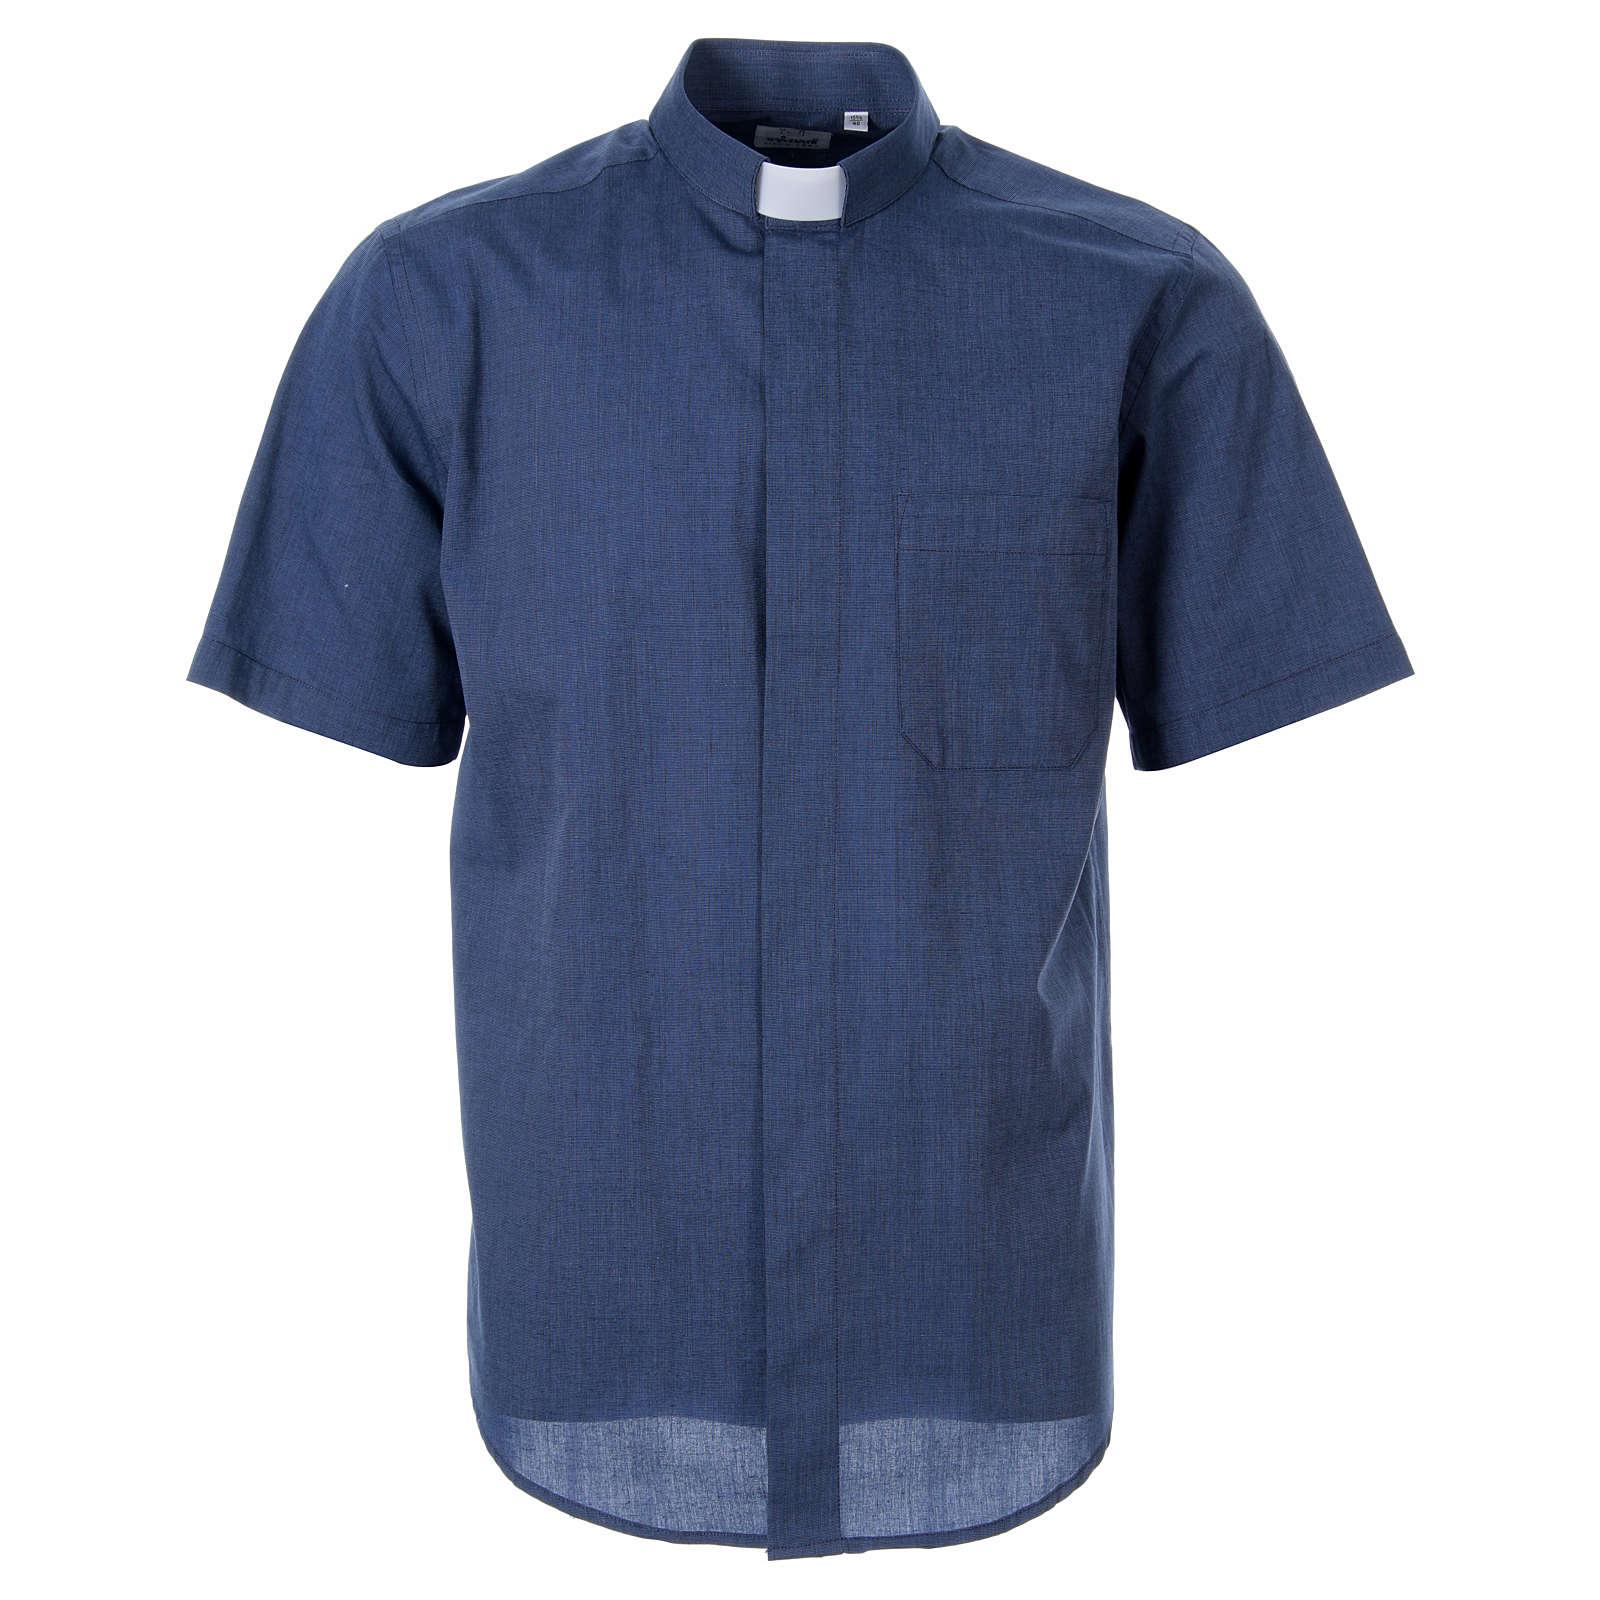 STOCK Camicia clergy manica corta filafil blu 4